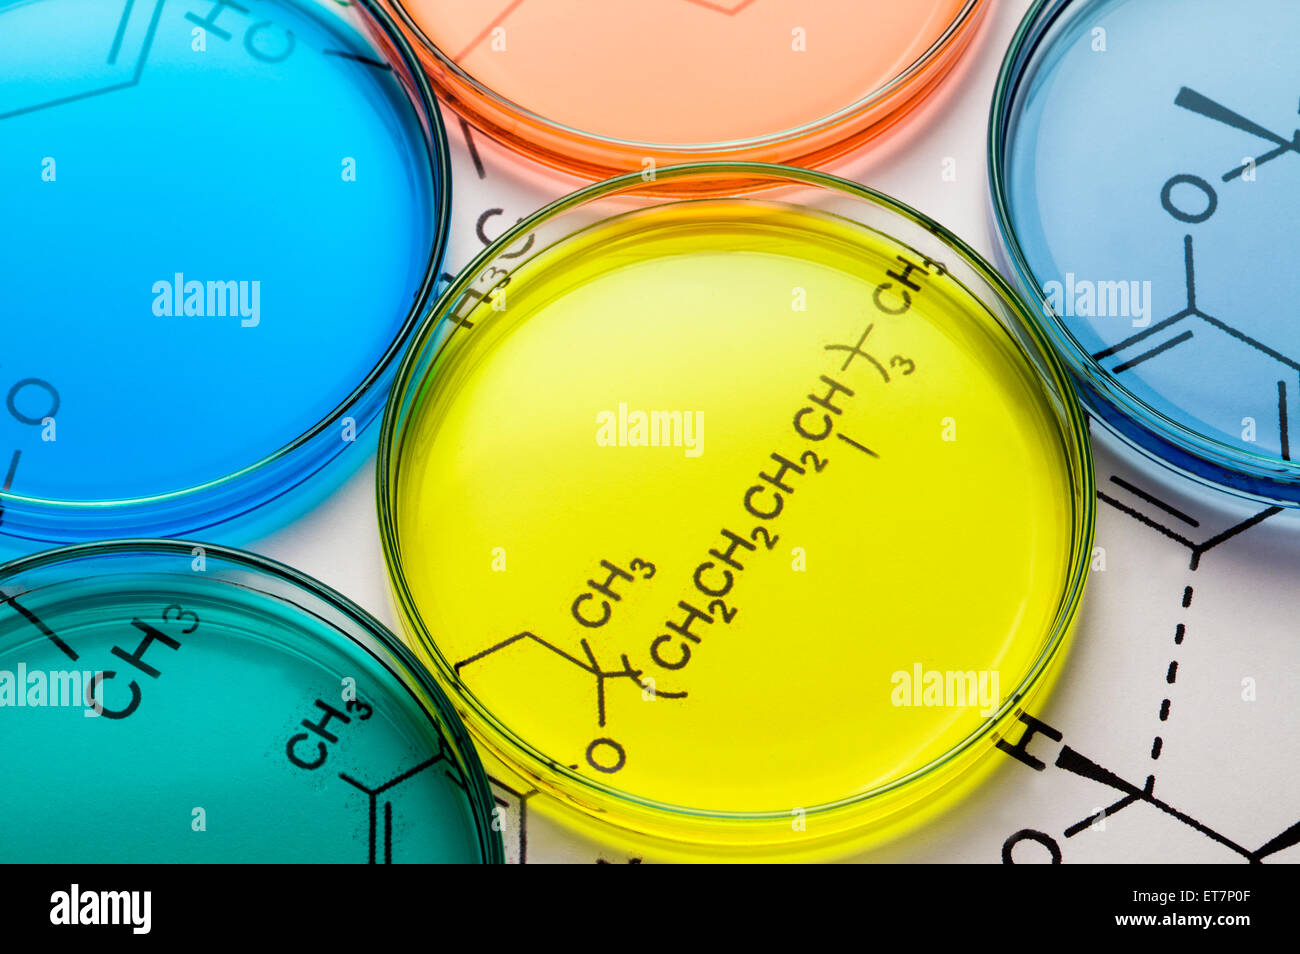 Healthcare And Medicine,Glassware,Laboratory Glassware,Utensil,,Petri Dish - Stock Image